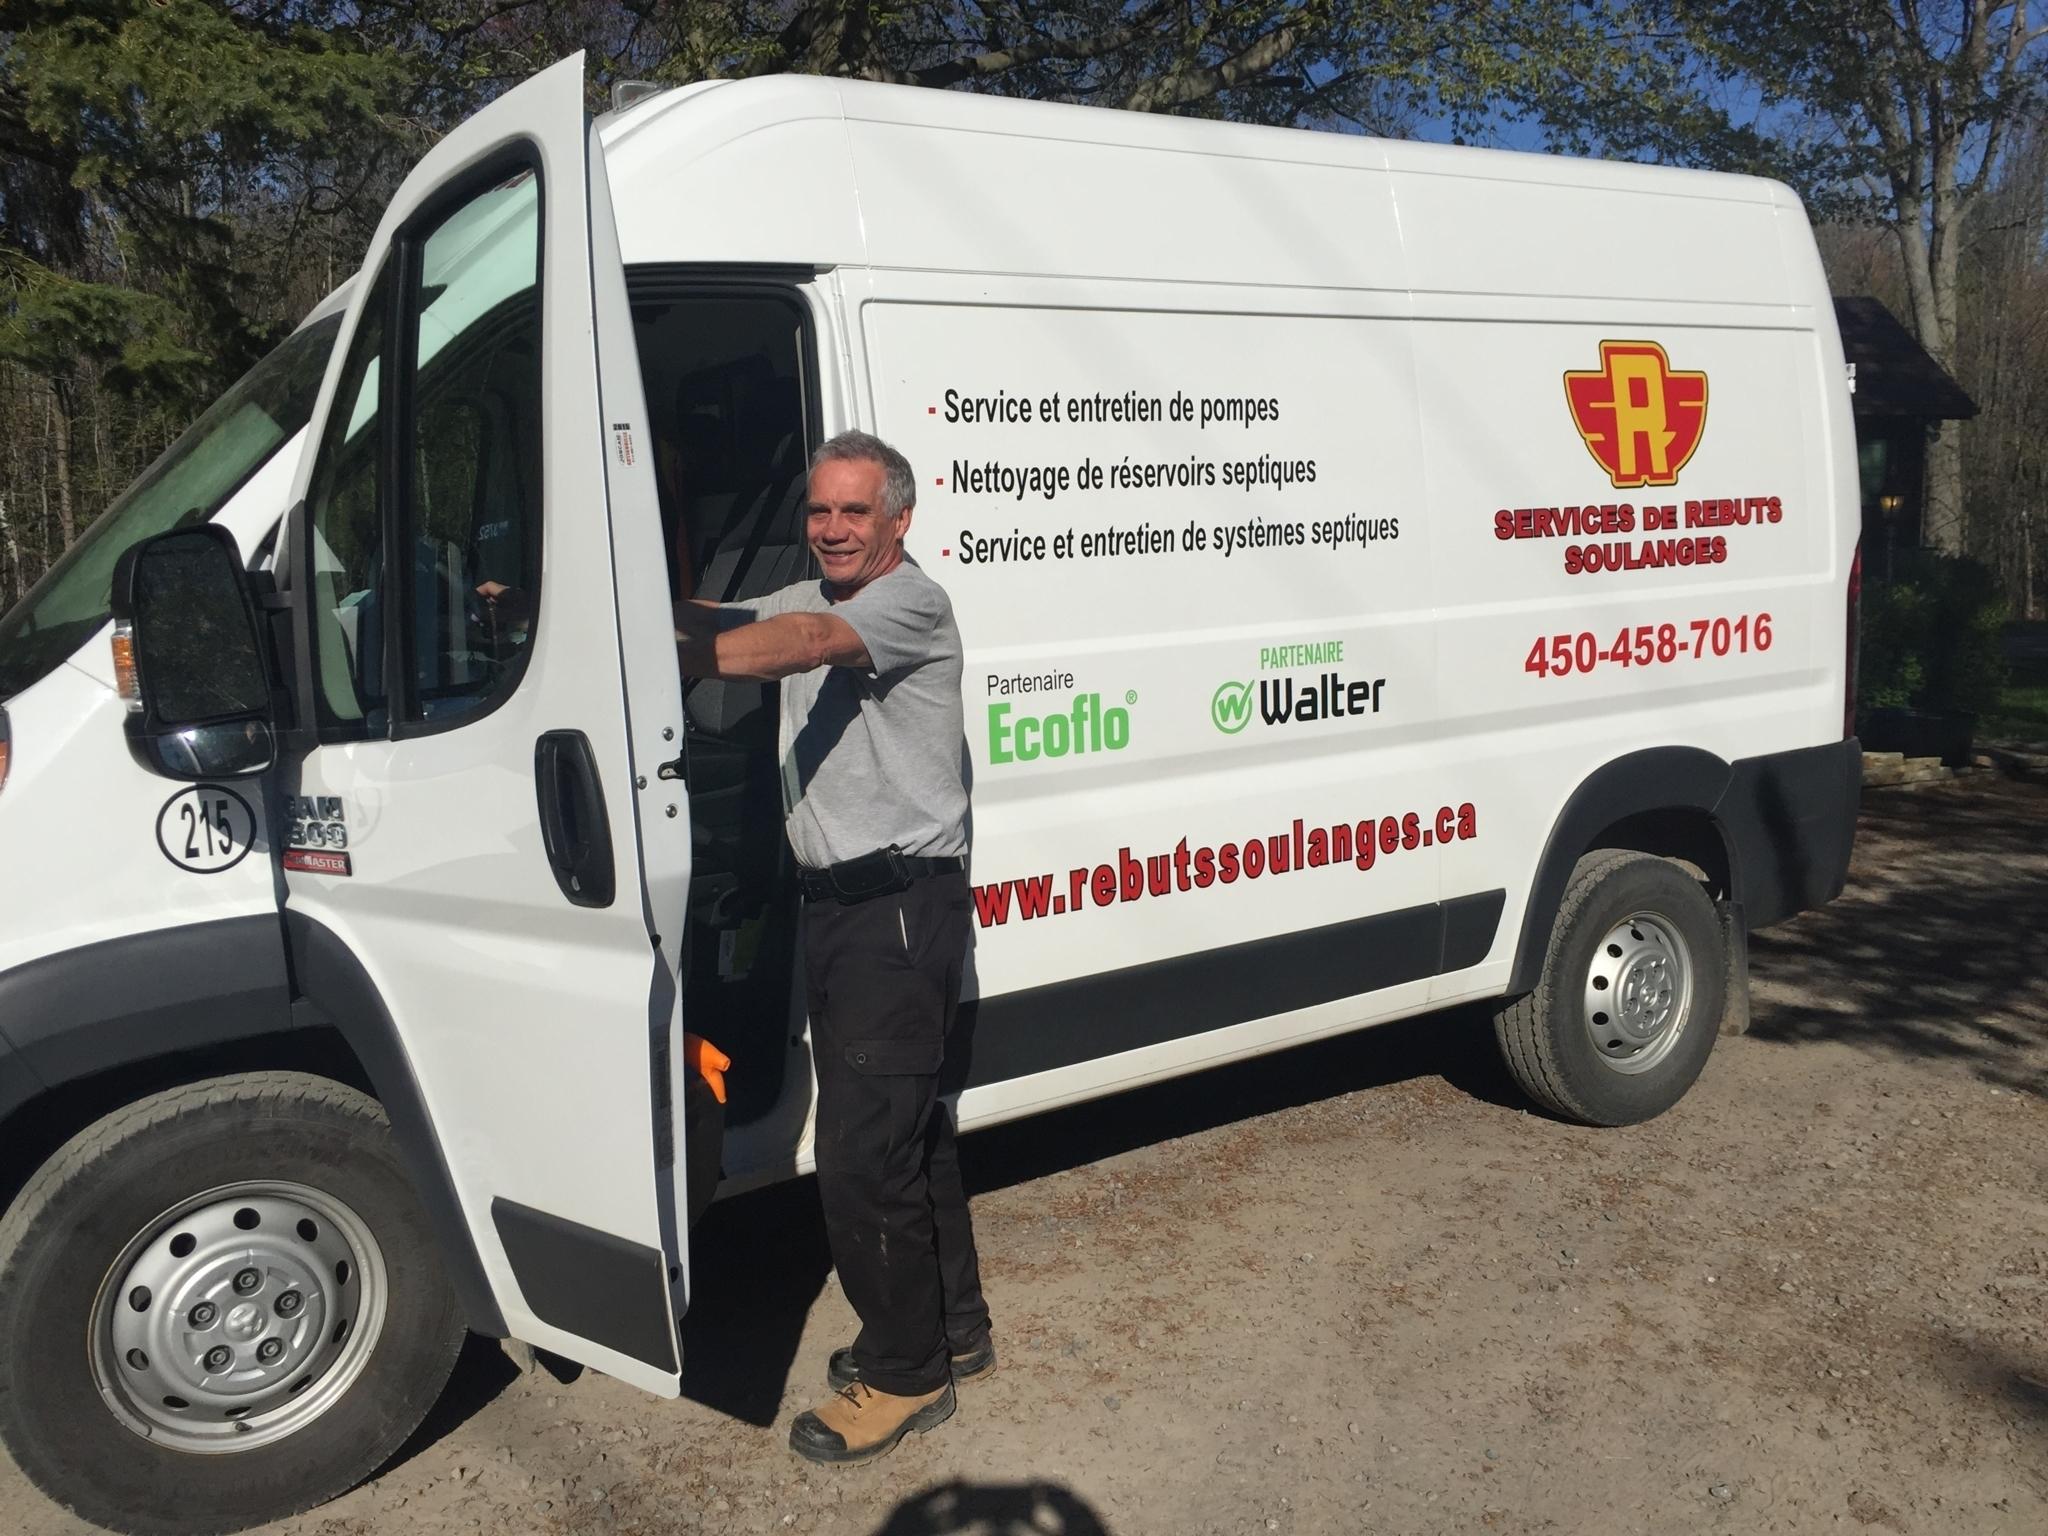 Services de Rebuts Soulanges à Vaudreuil-Doiron